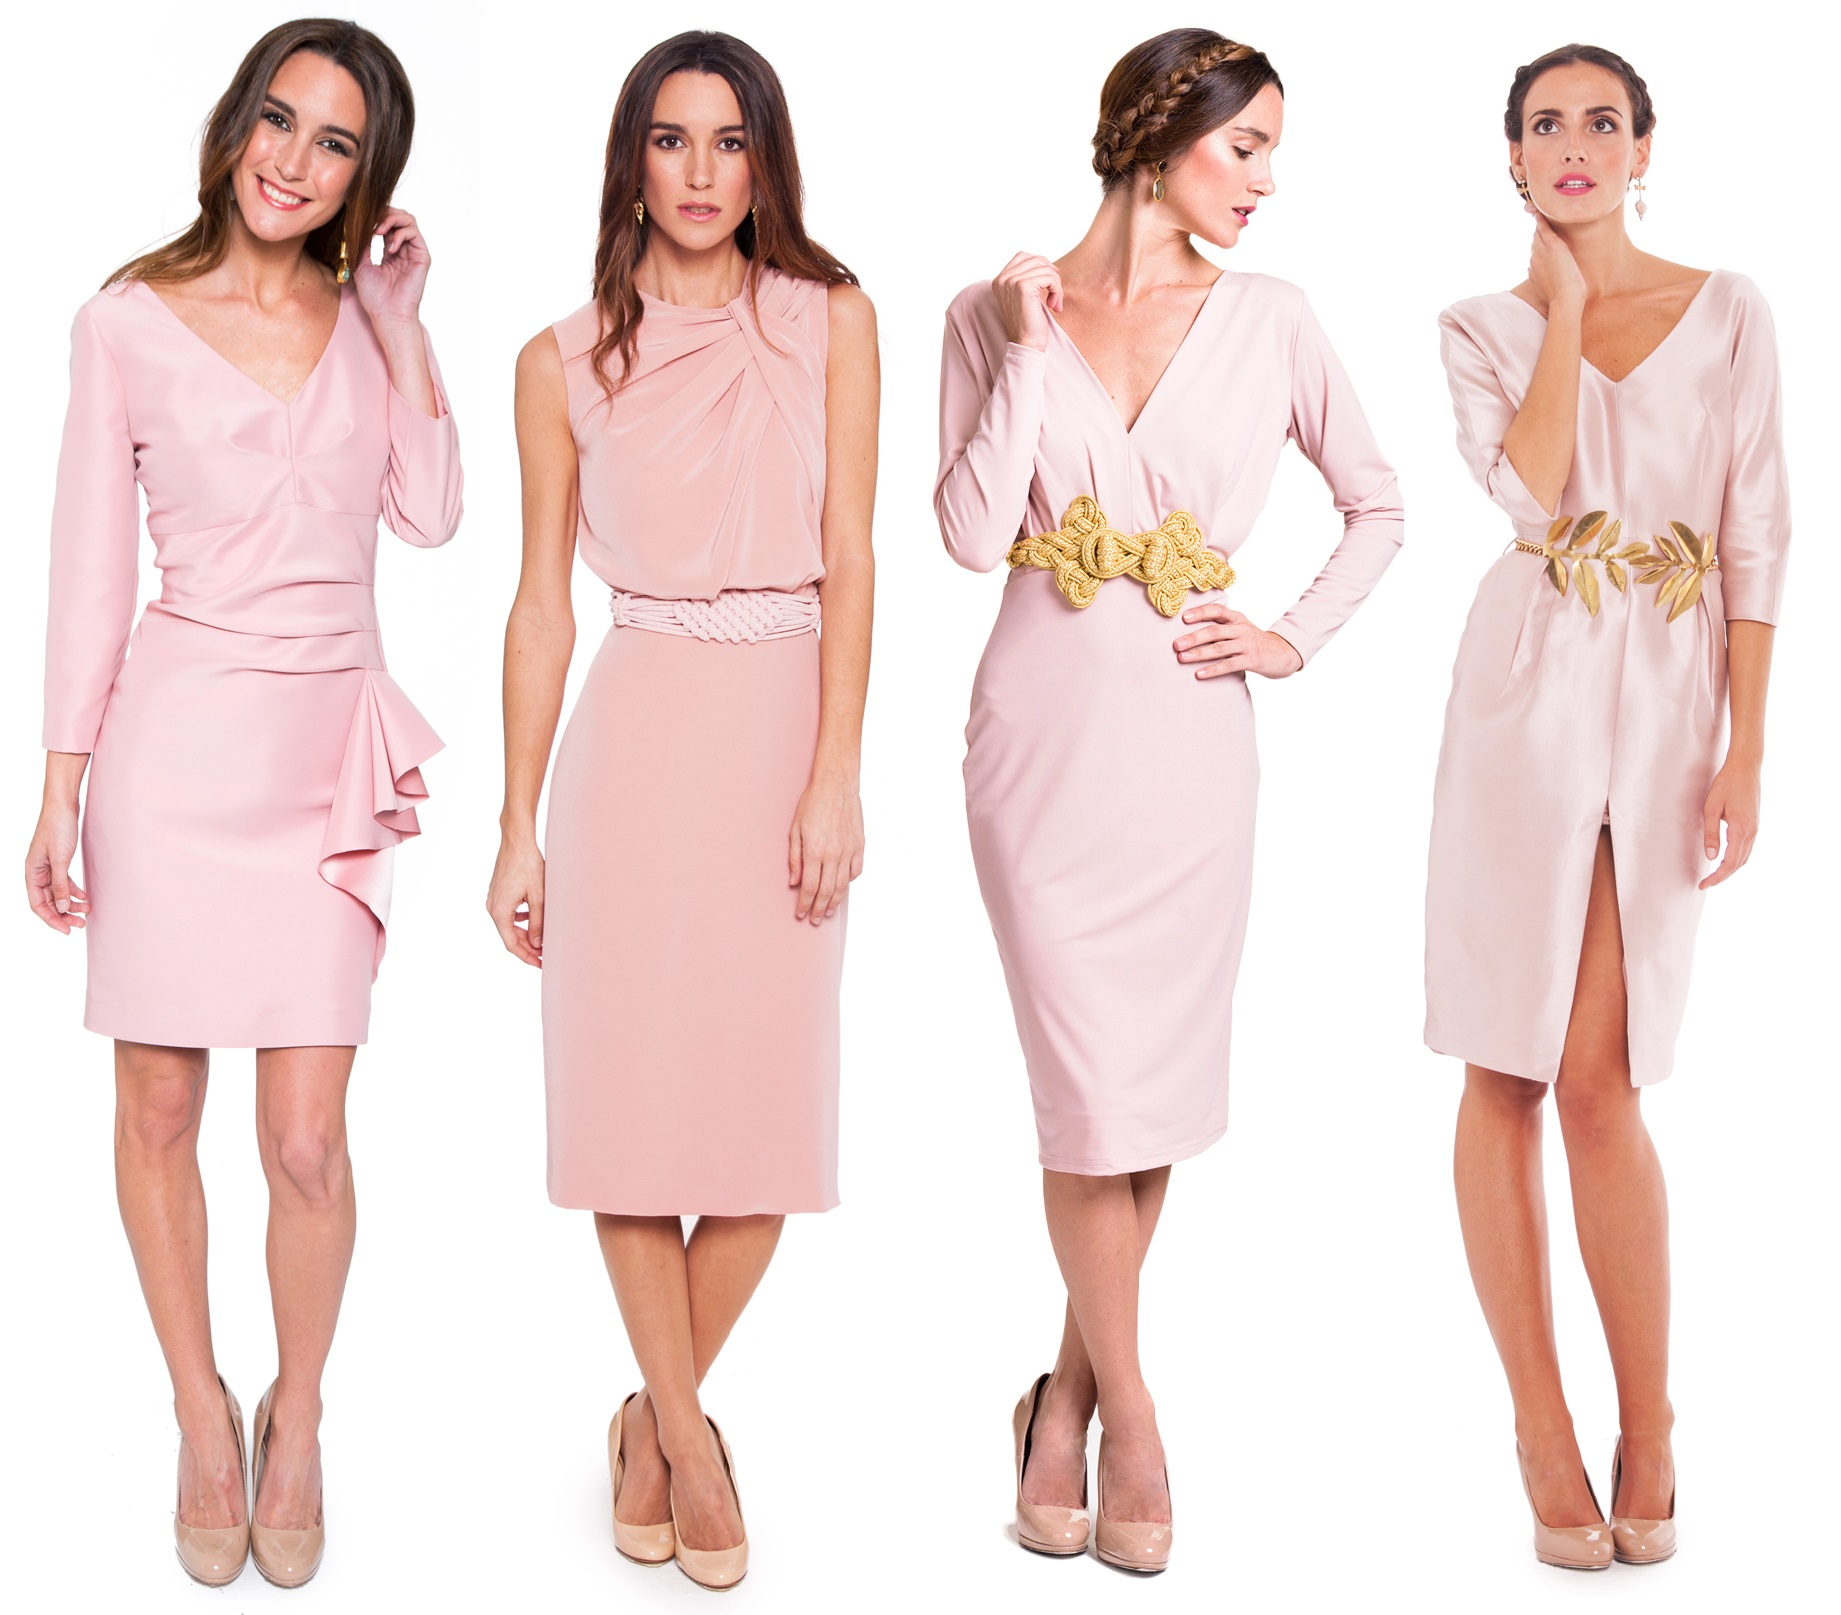 Rosa cuarzo para invitadas de boda blog la m s mona - Color rosa empolvado ...